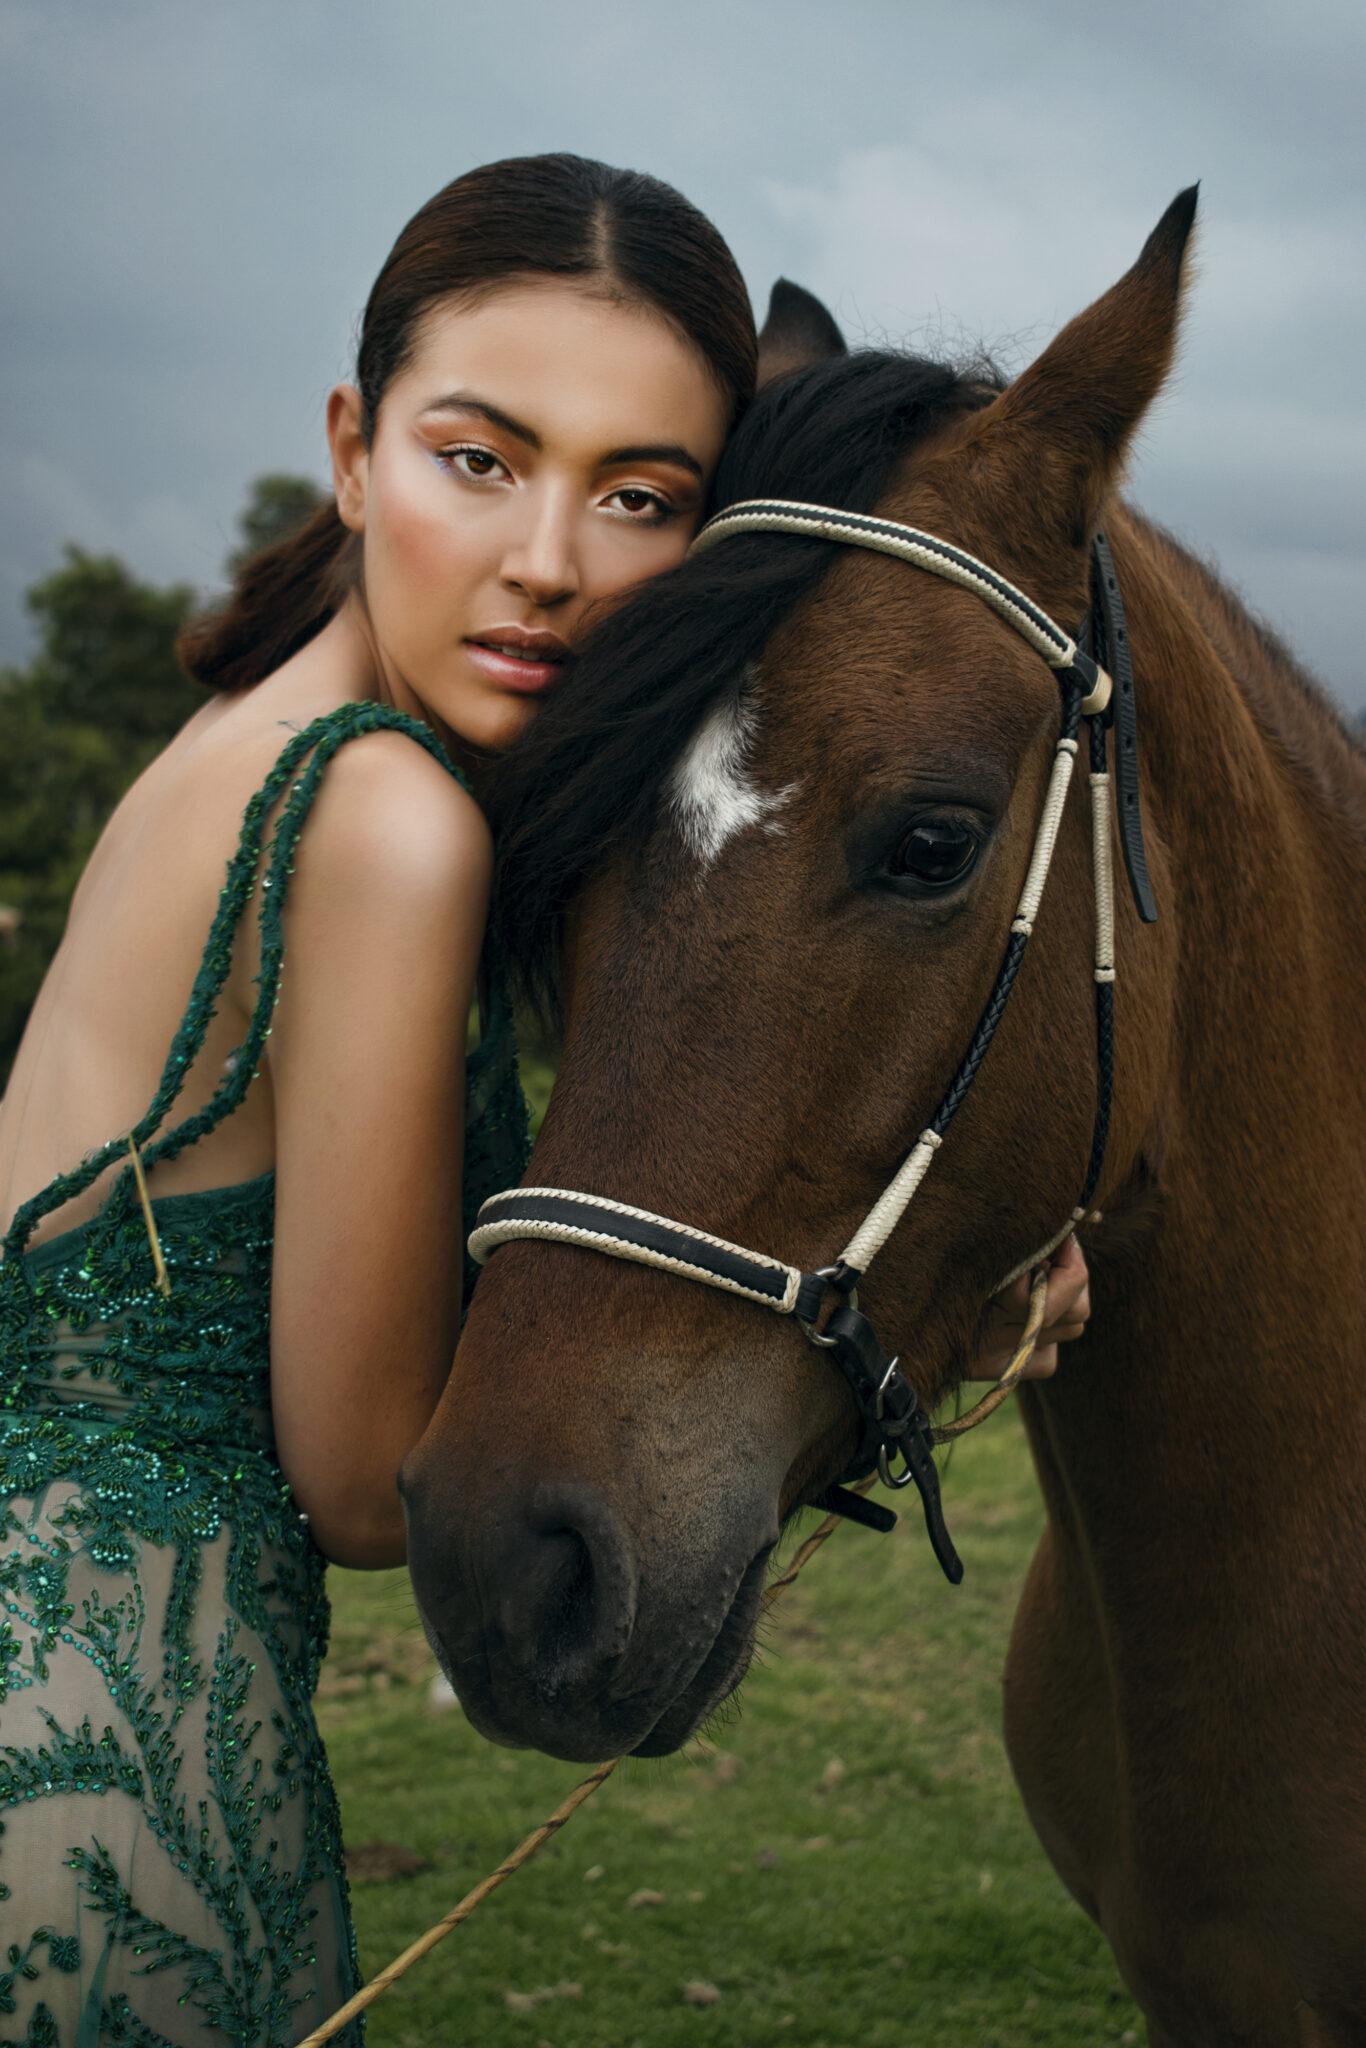 caballo0002